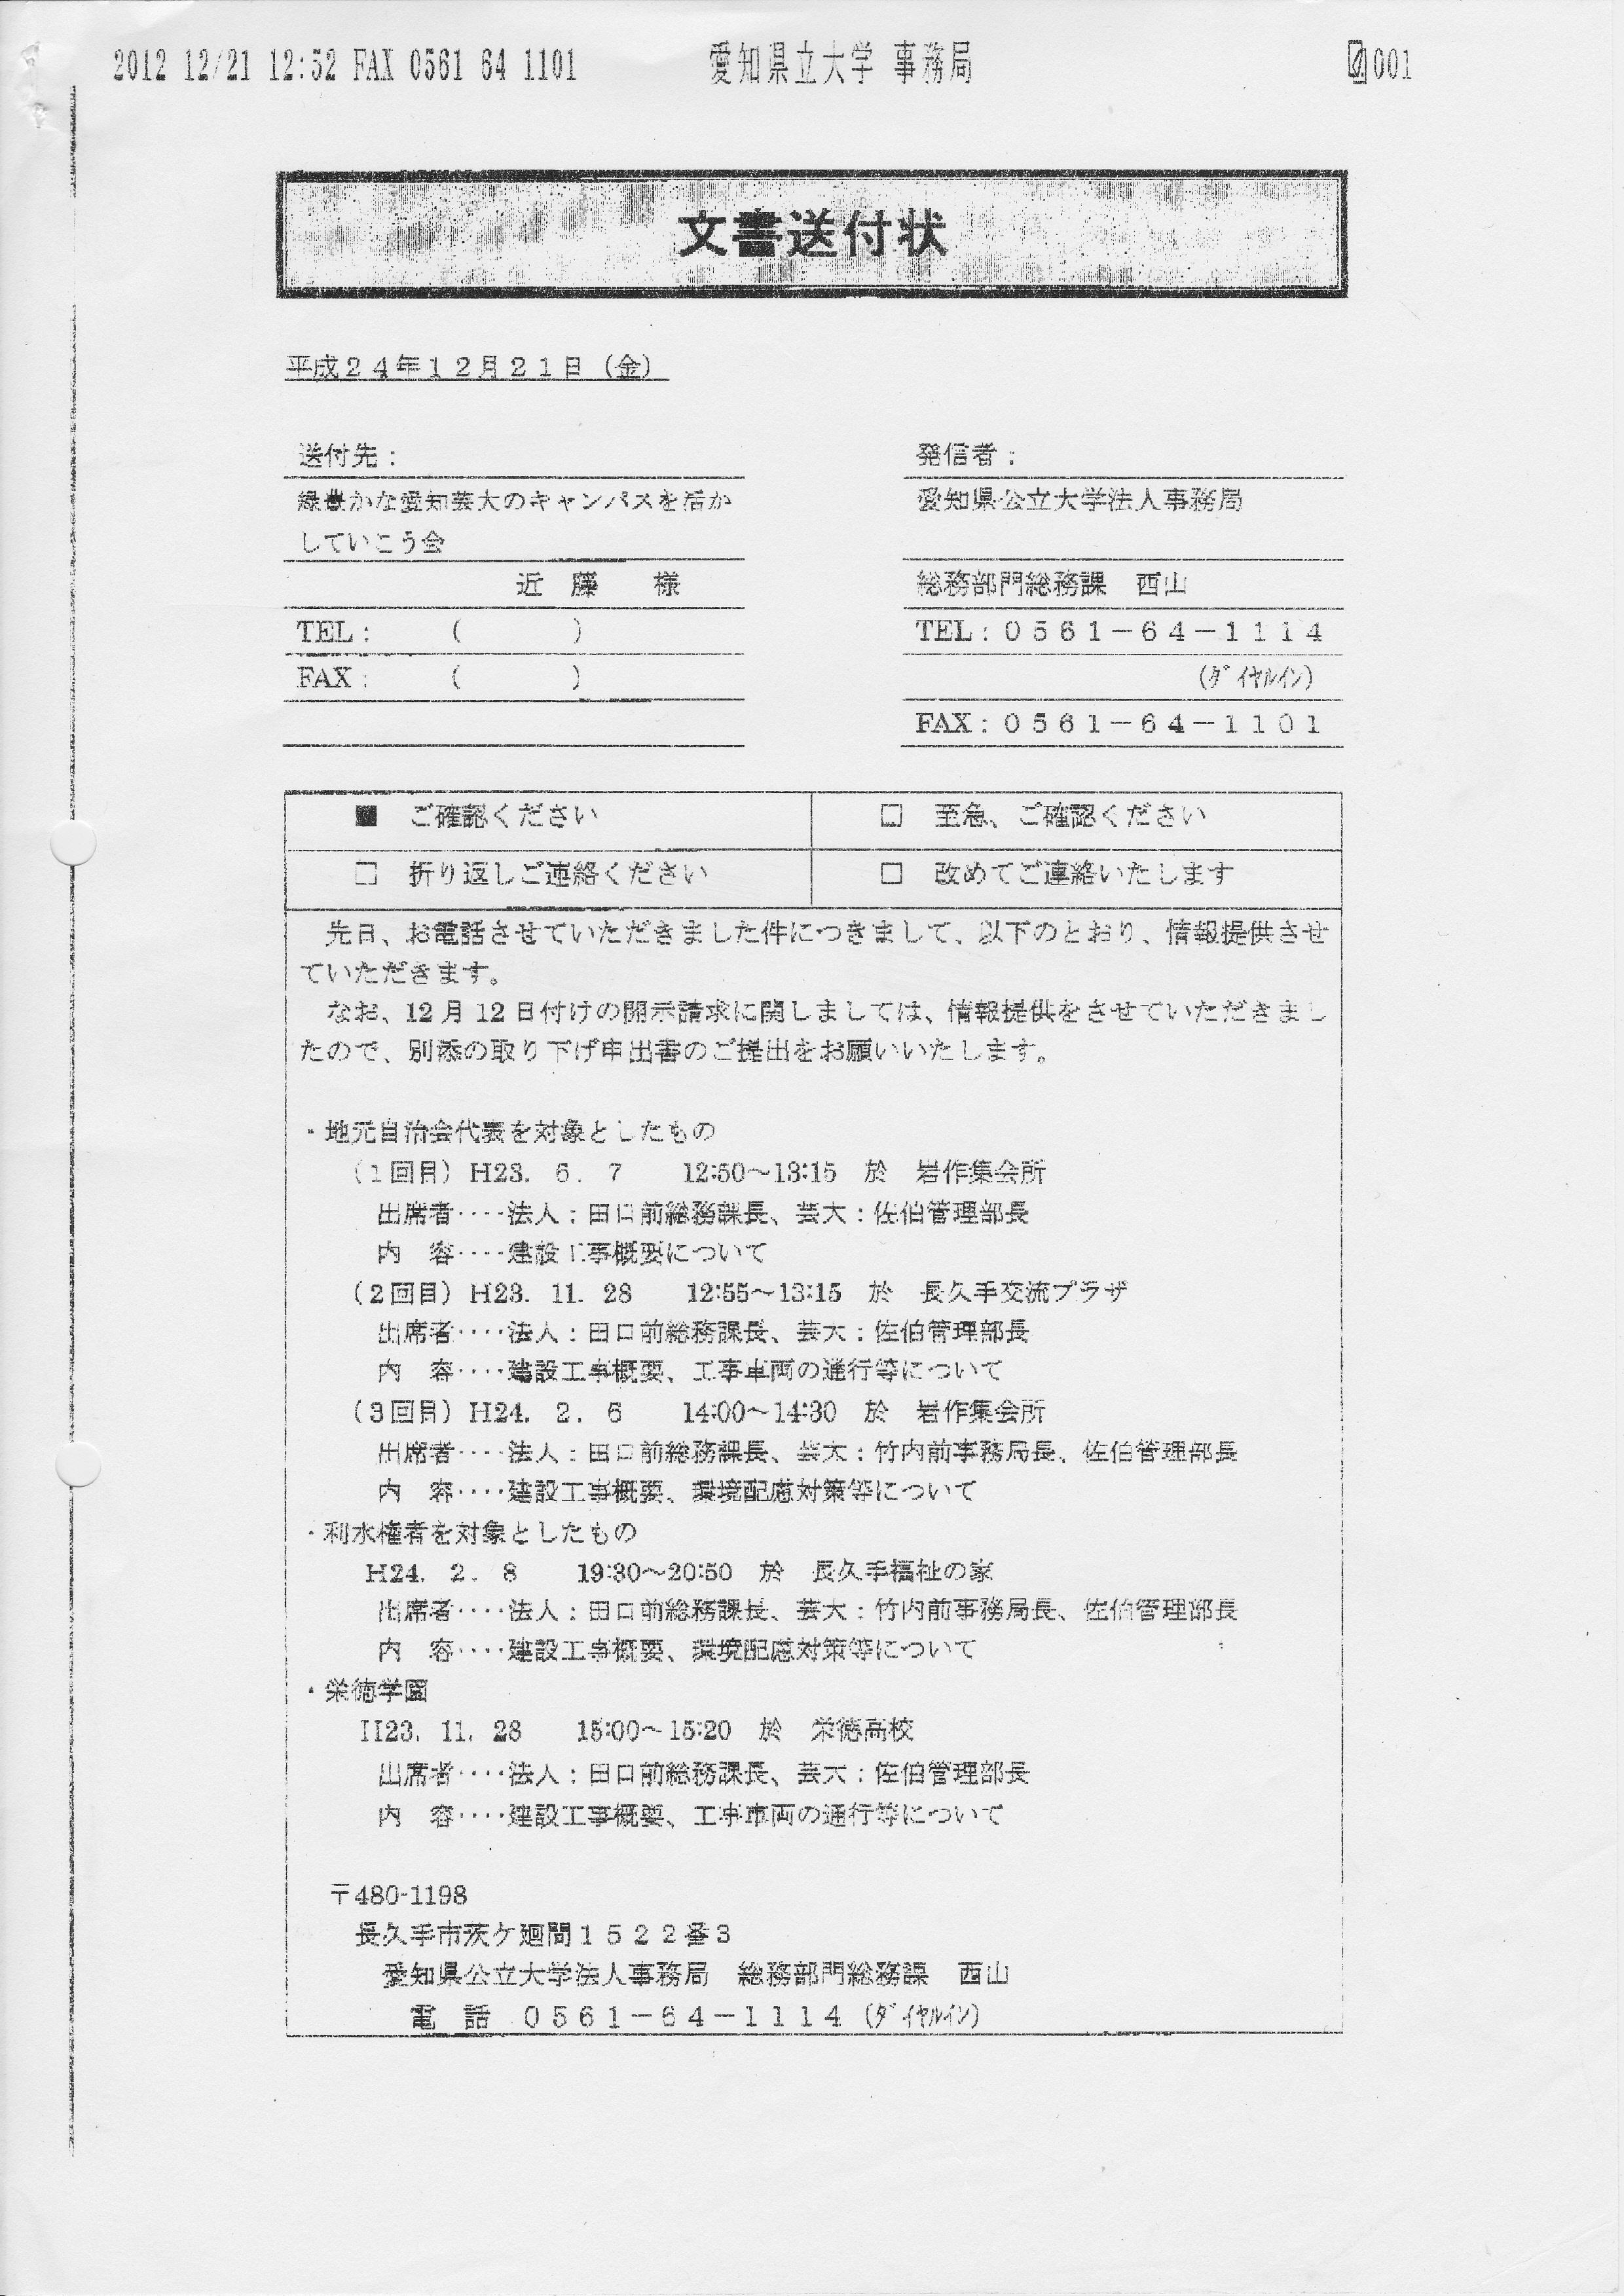 愛芸20121221文書送付状